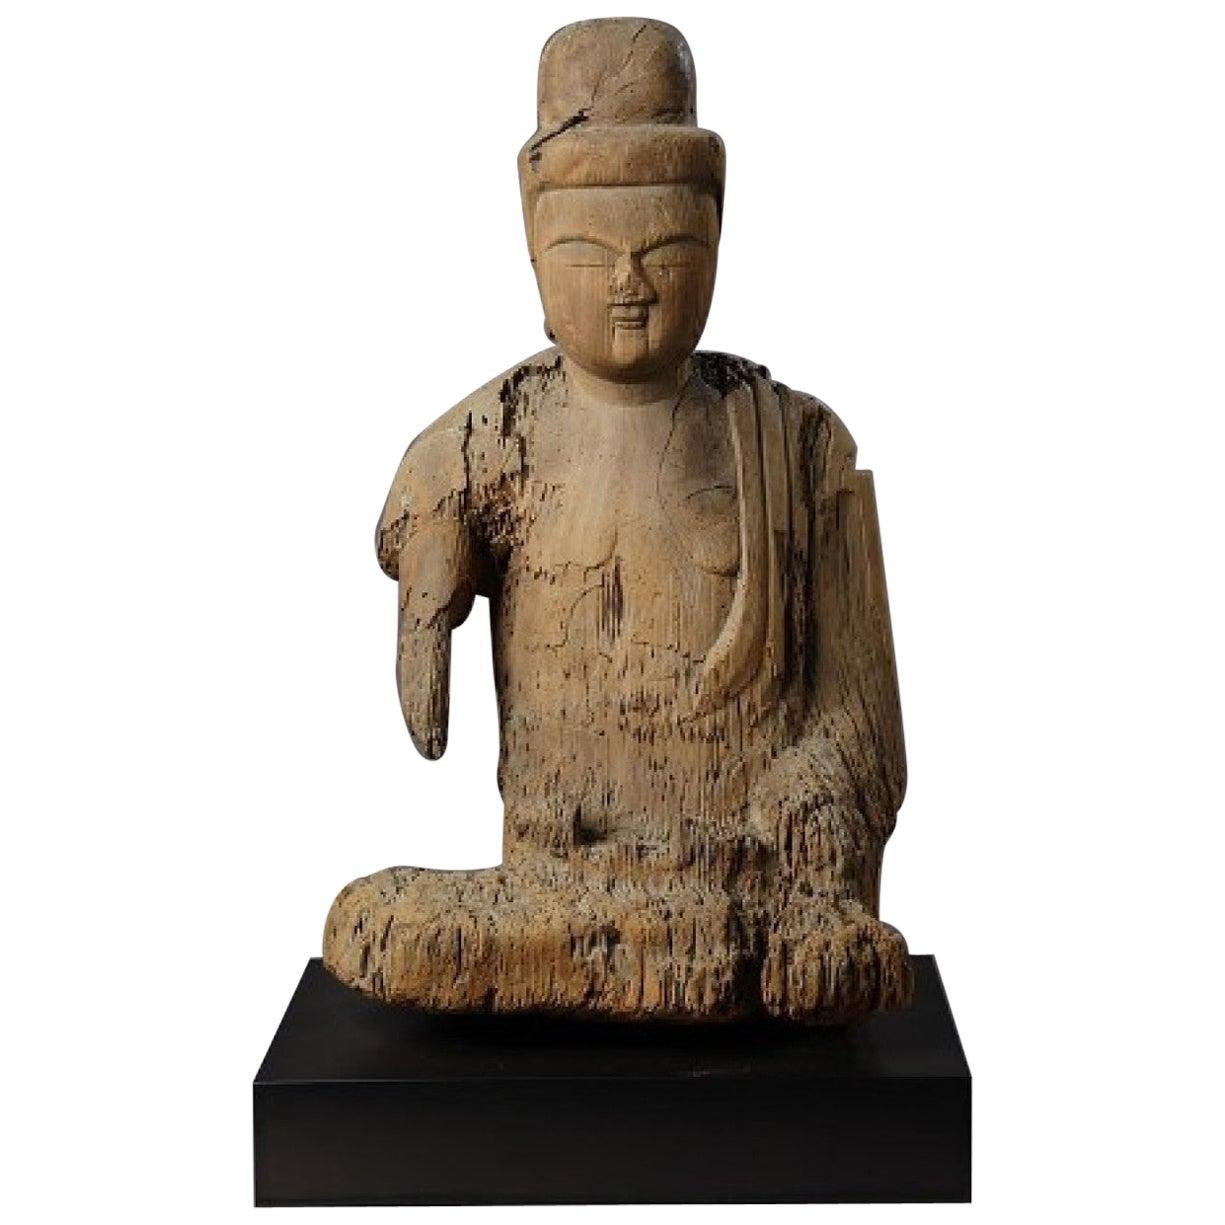 Kamakura Period Japanese Shinzu Sculpture